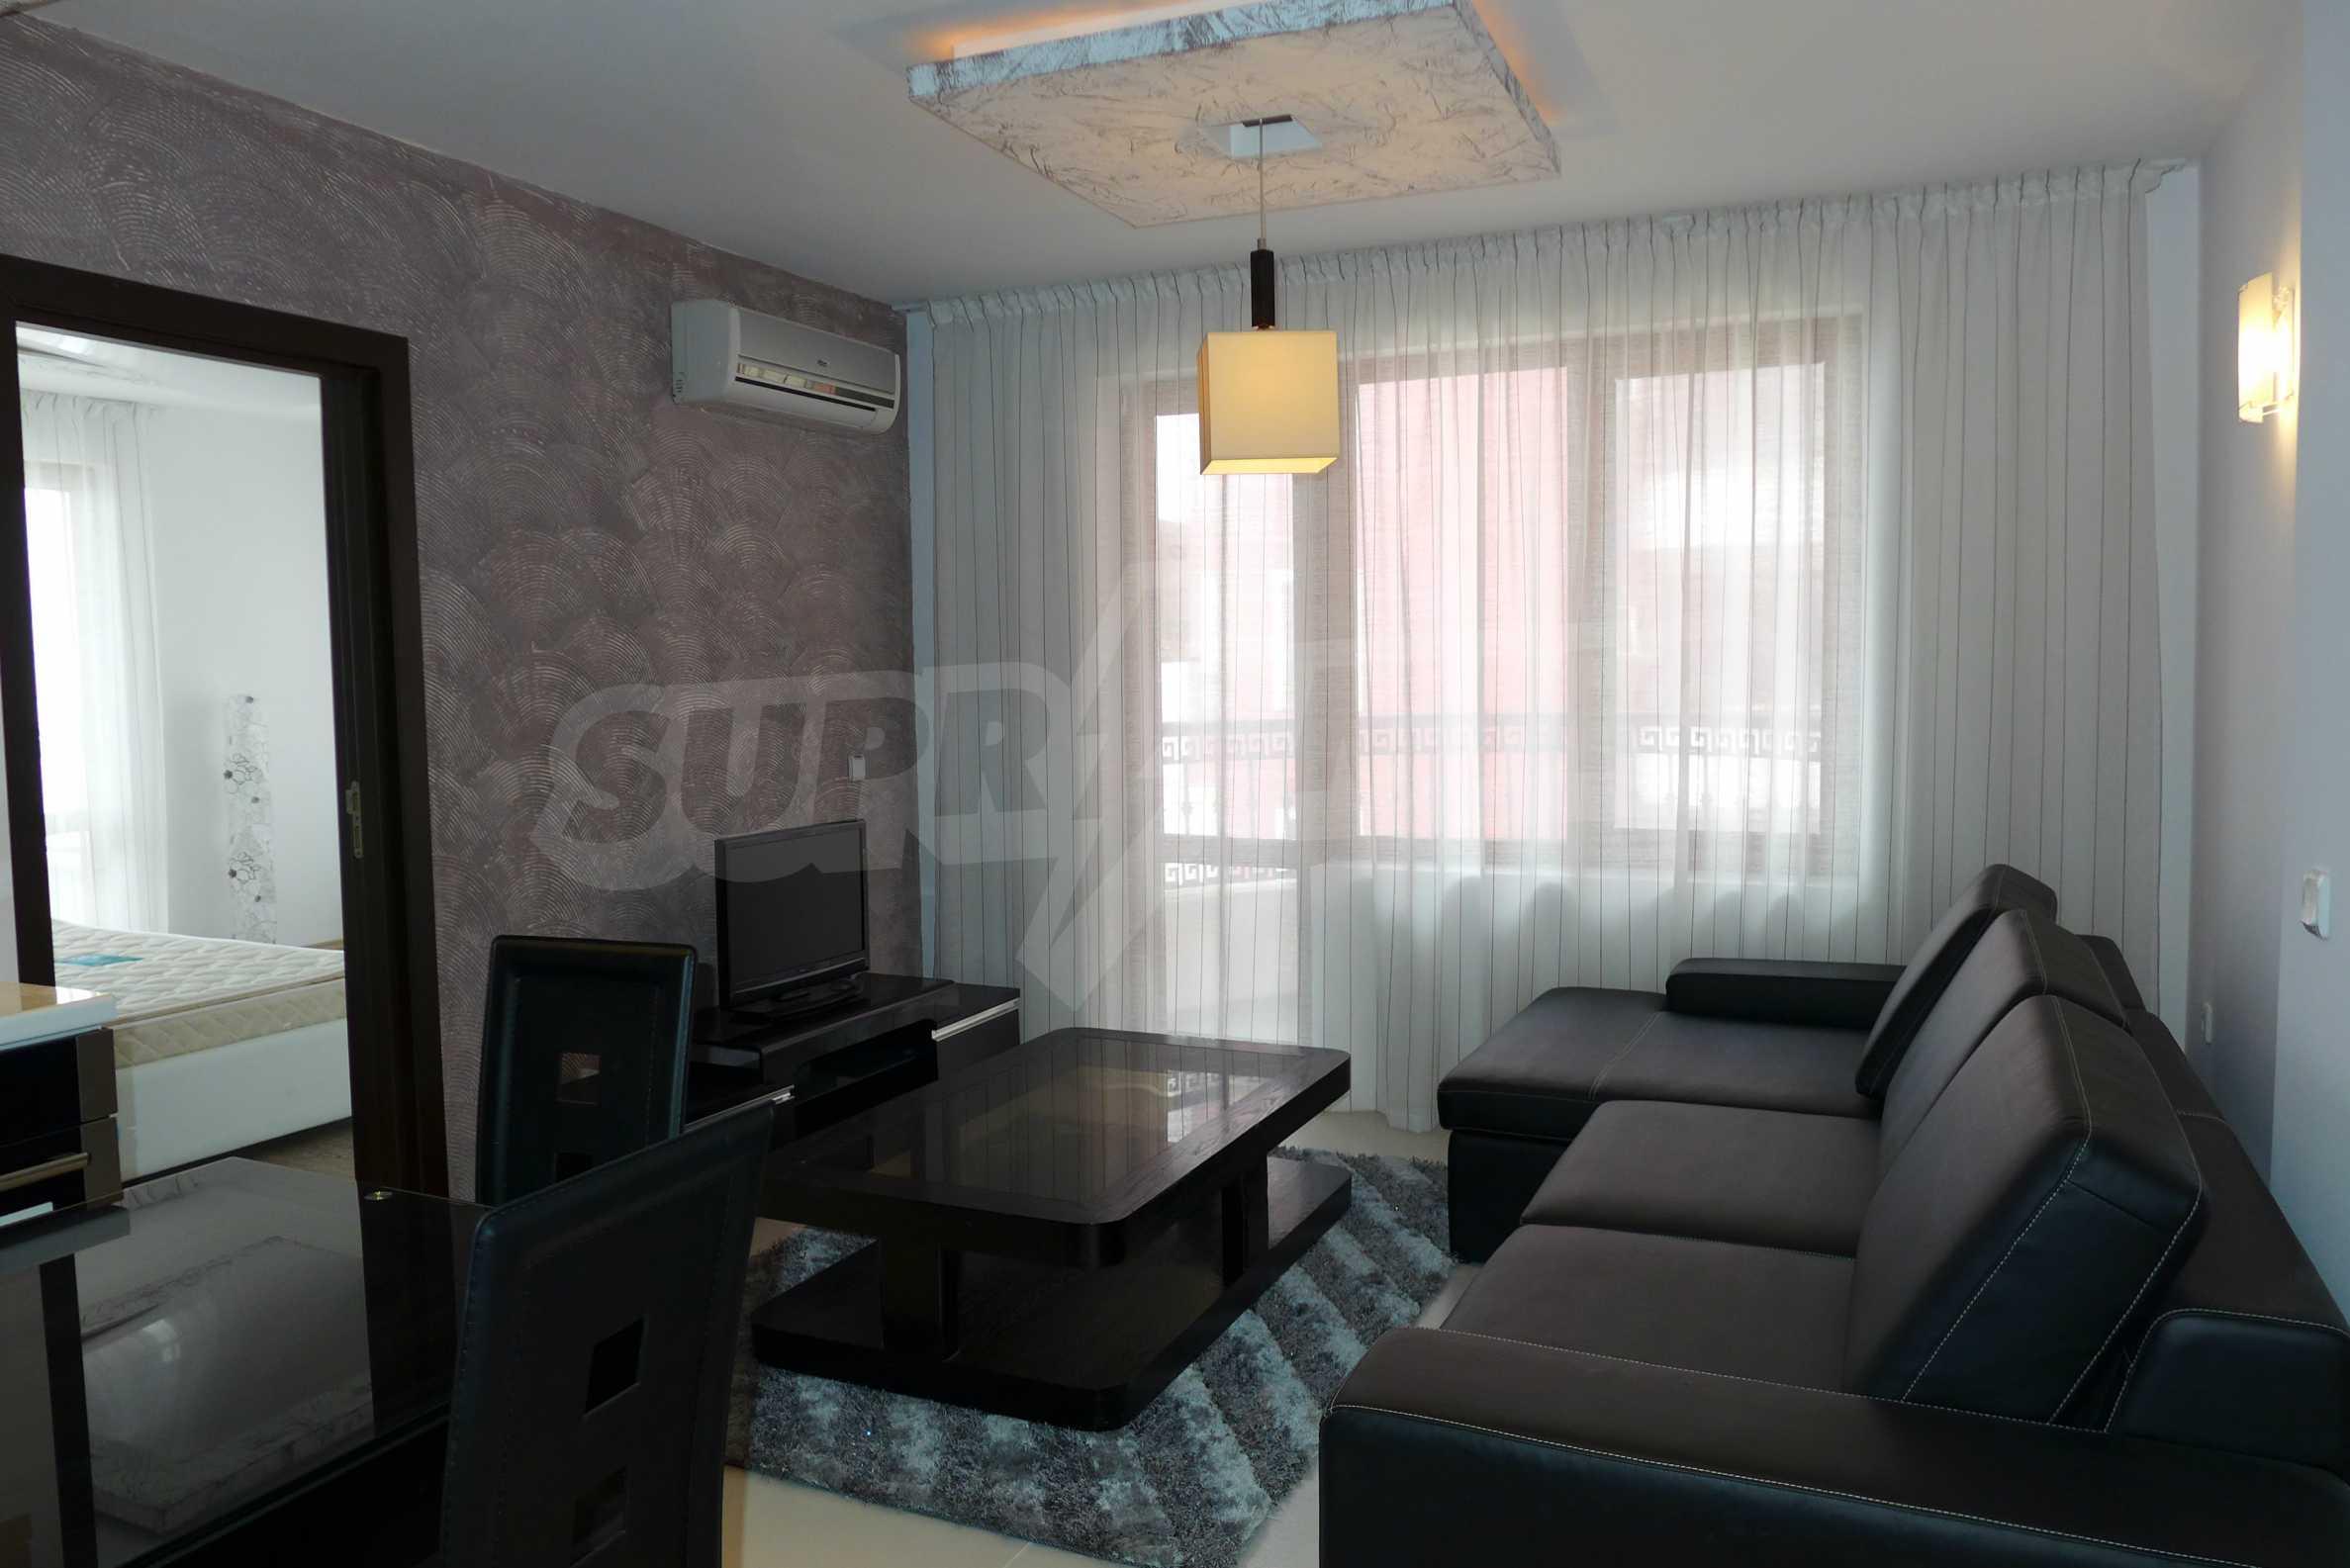 Apartment mit zwei Schlafzimmern in einem luxuriösen Aparthotel 4